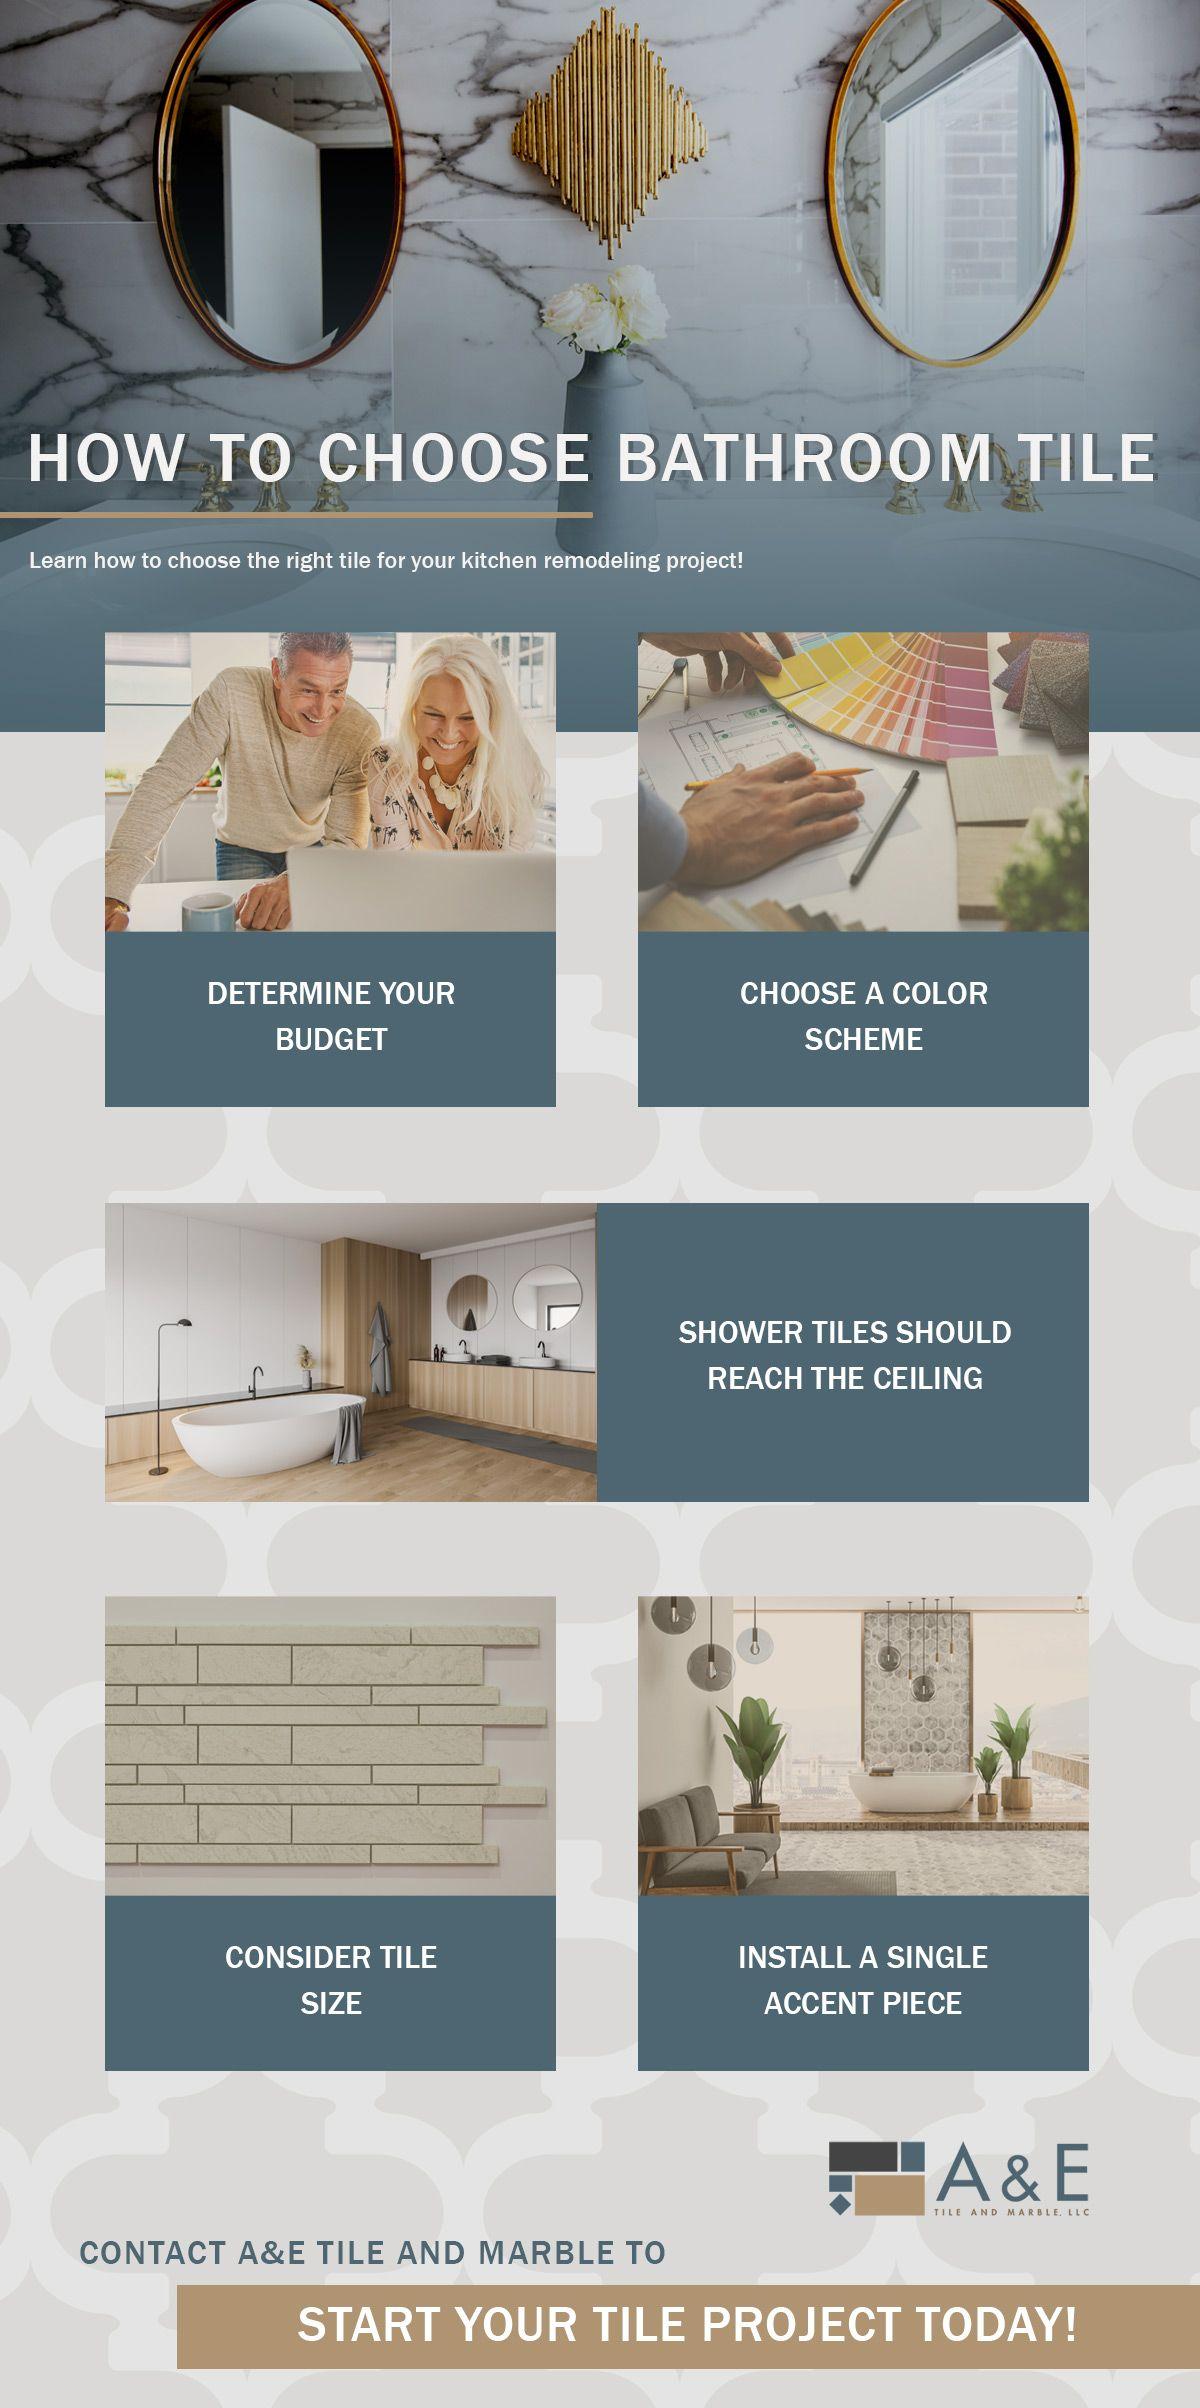 How to Choose Bathroom Tile.jpg